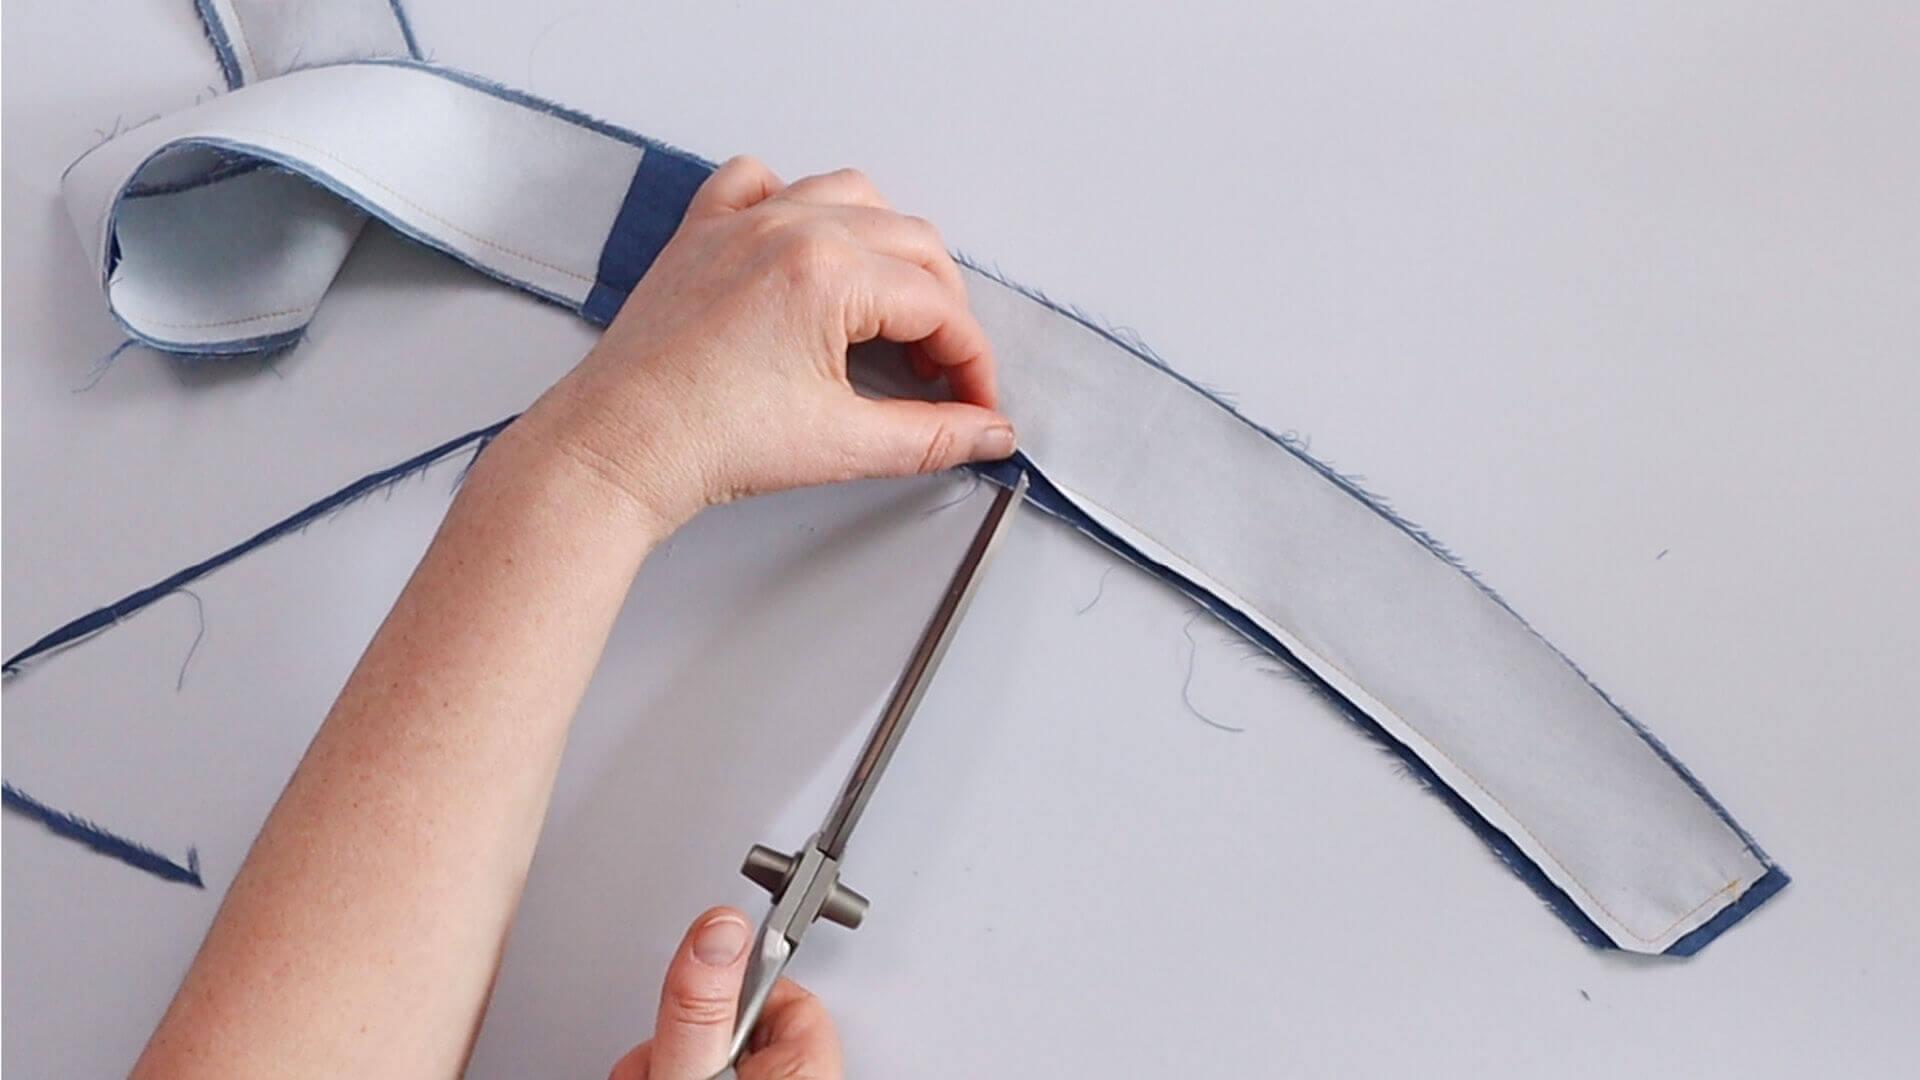 angesetzten Hosenbund #B01 selber nähen-Nahtzugaben an verstürzte Bundkante verschneiden und einknipsen